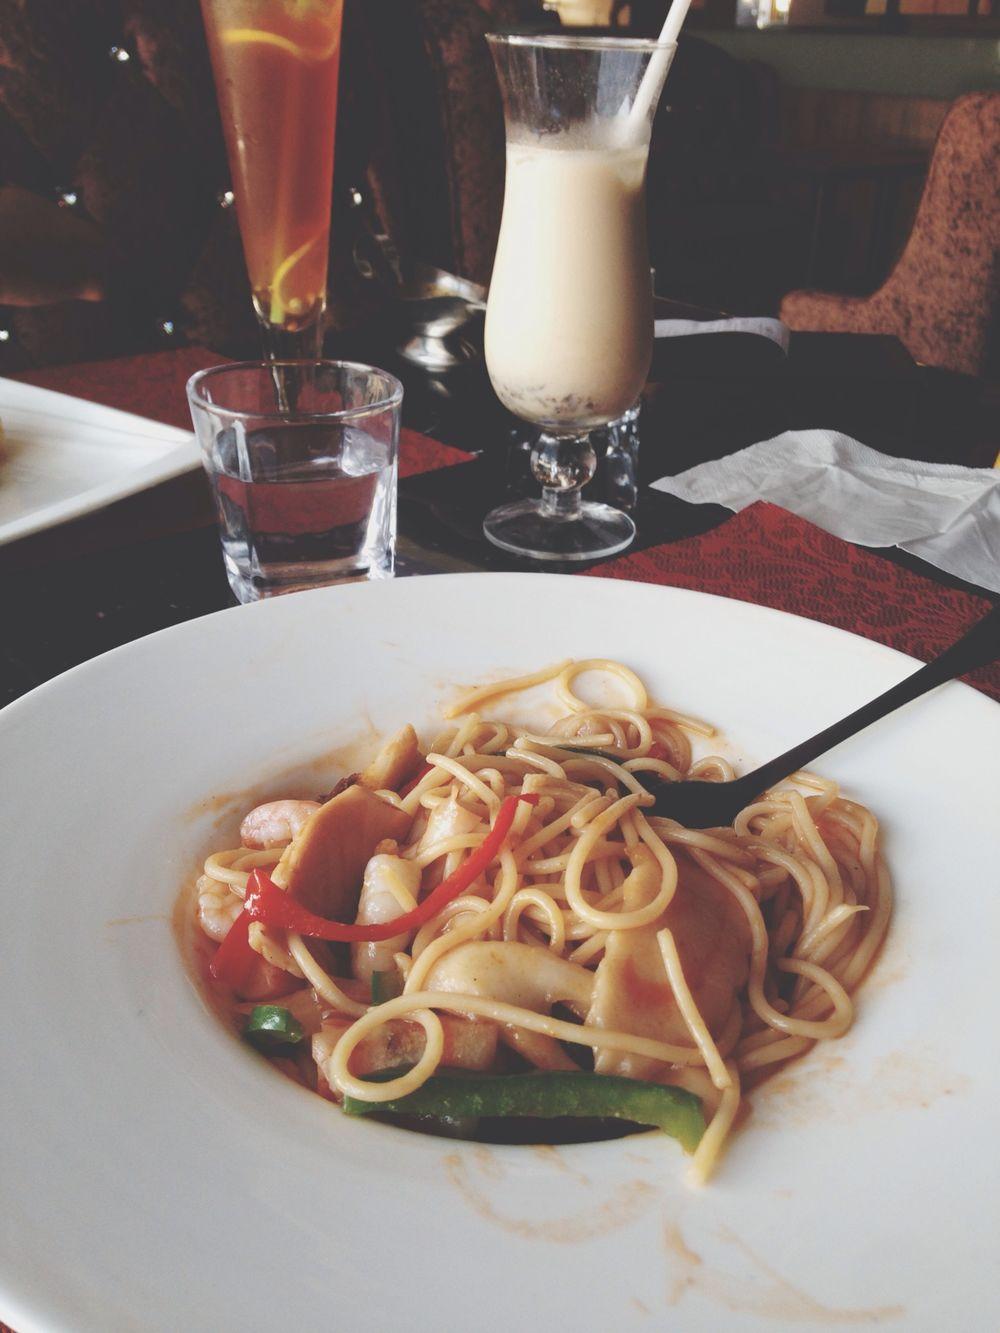 美食 In Heaven 午餐时间,迟了好多。